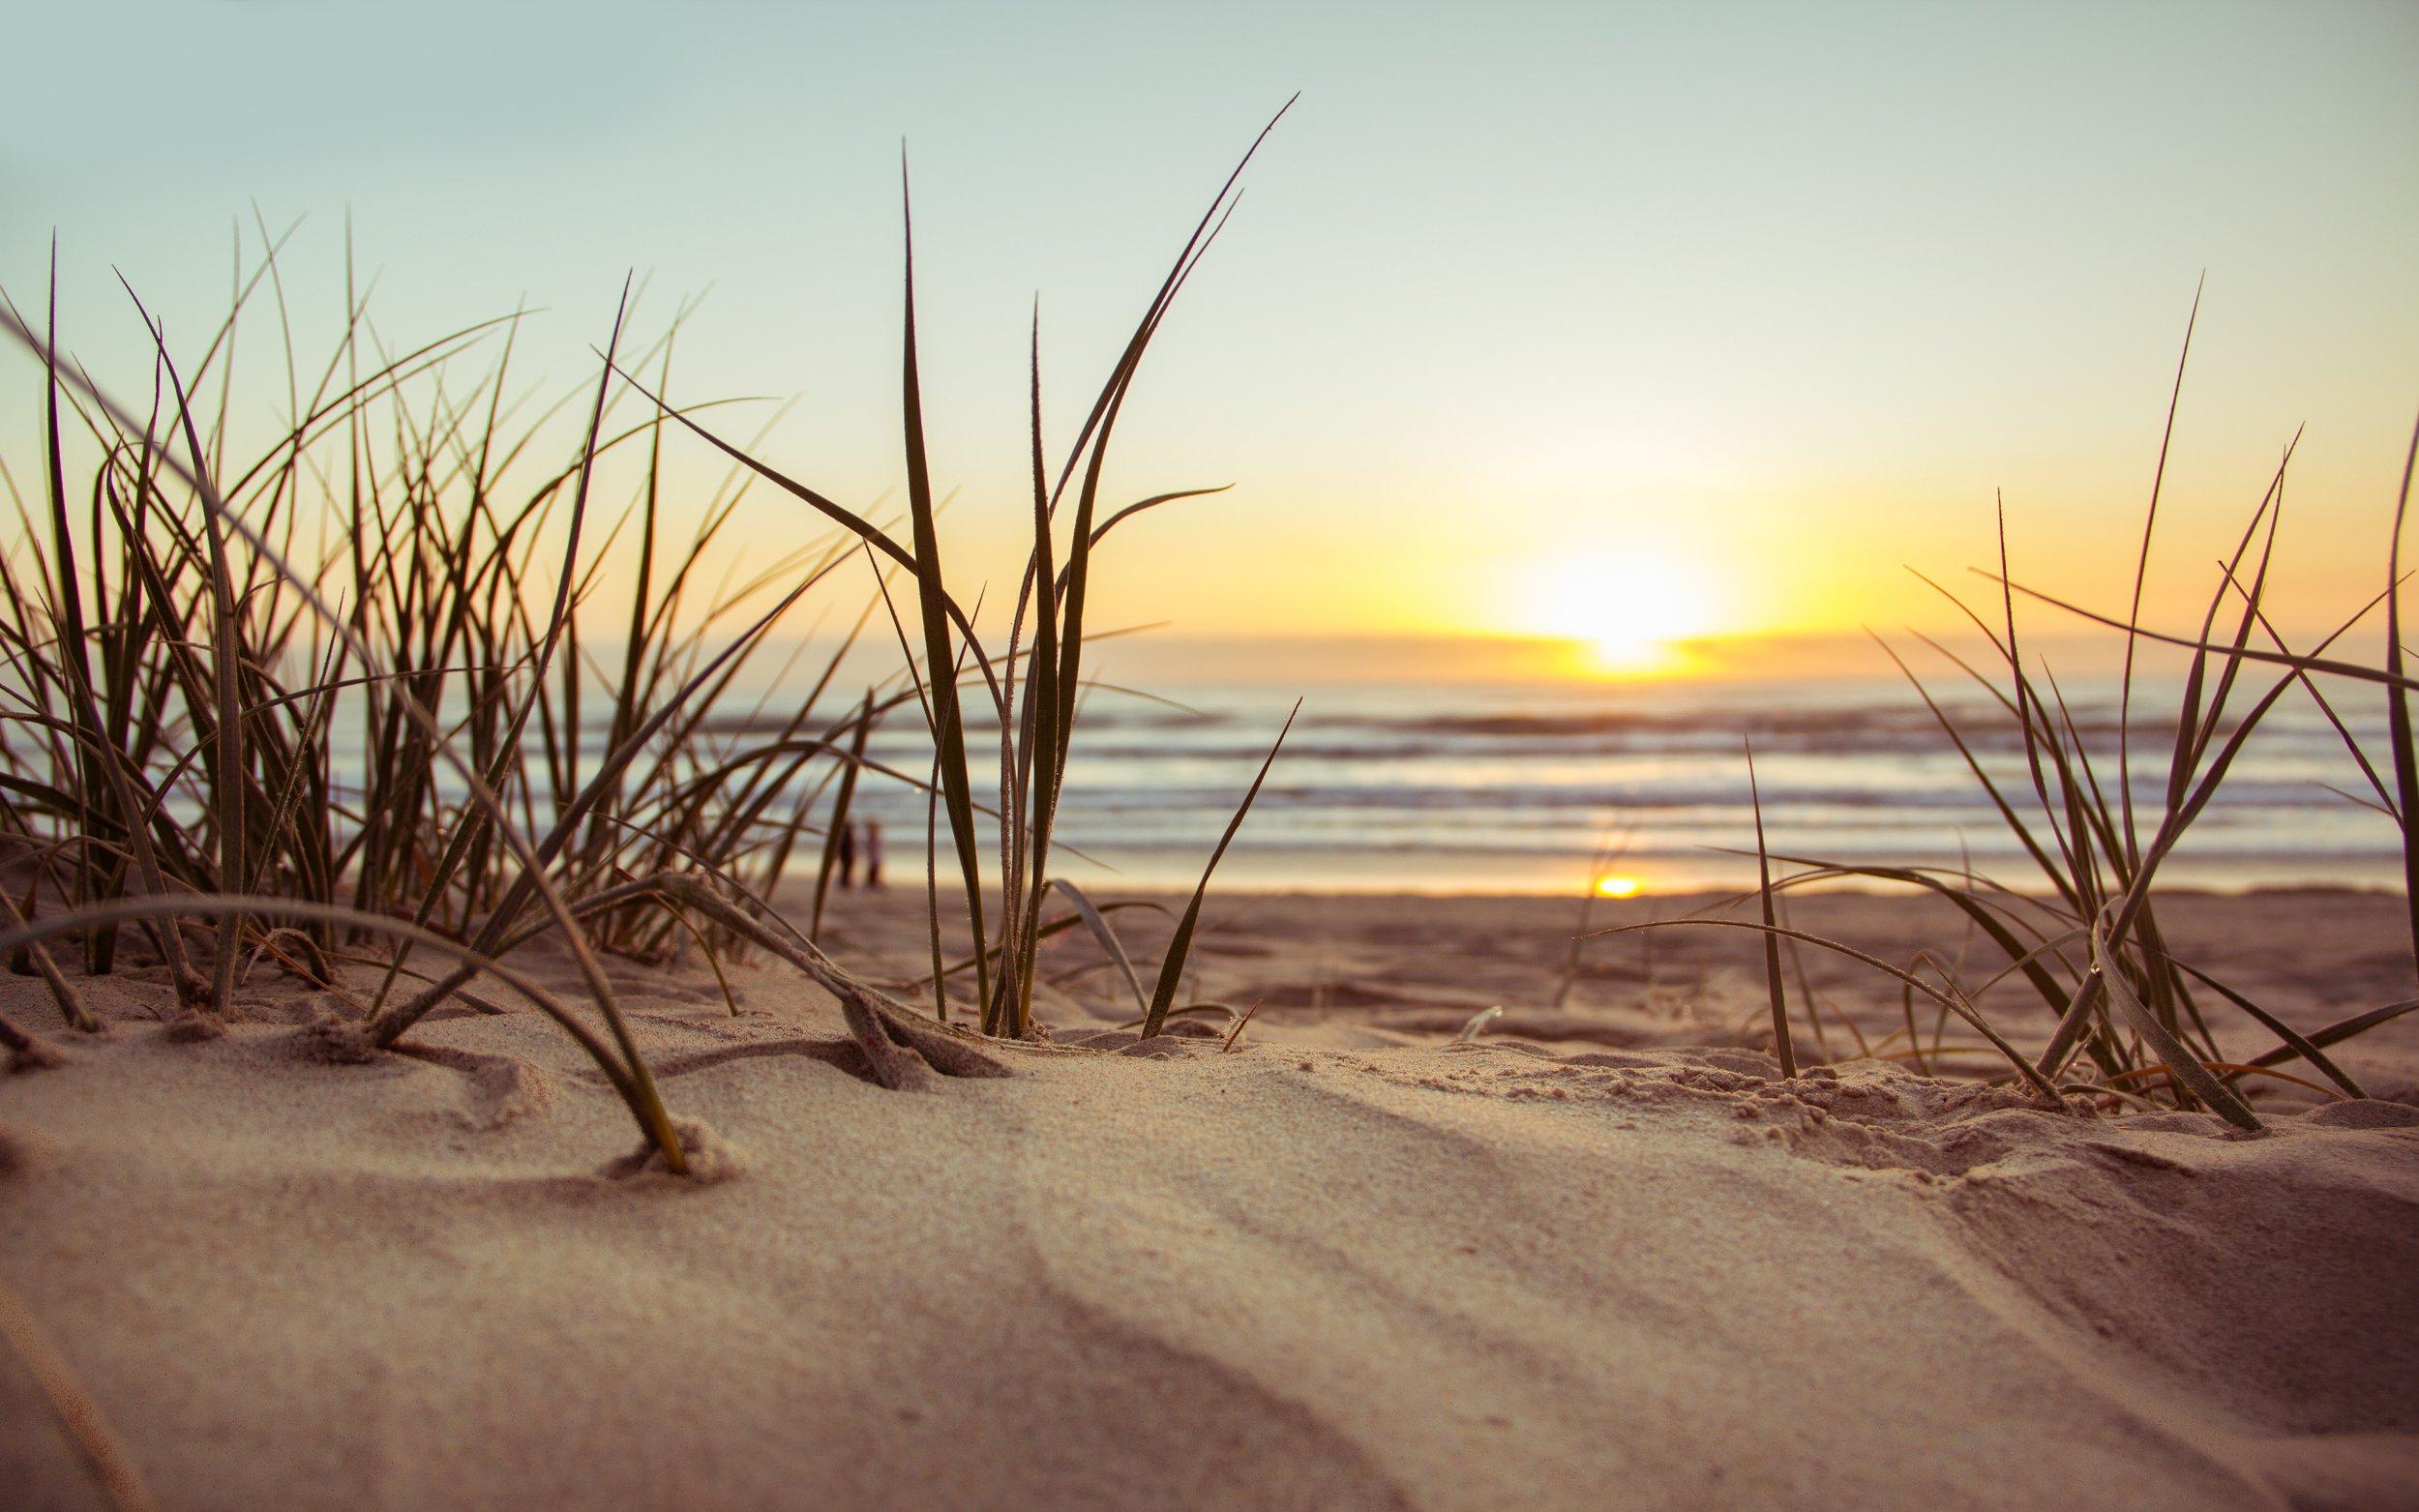 beach-golden-hour-grass-1192671.jpg